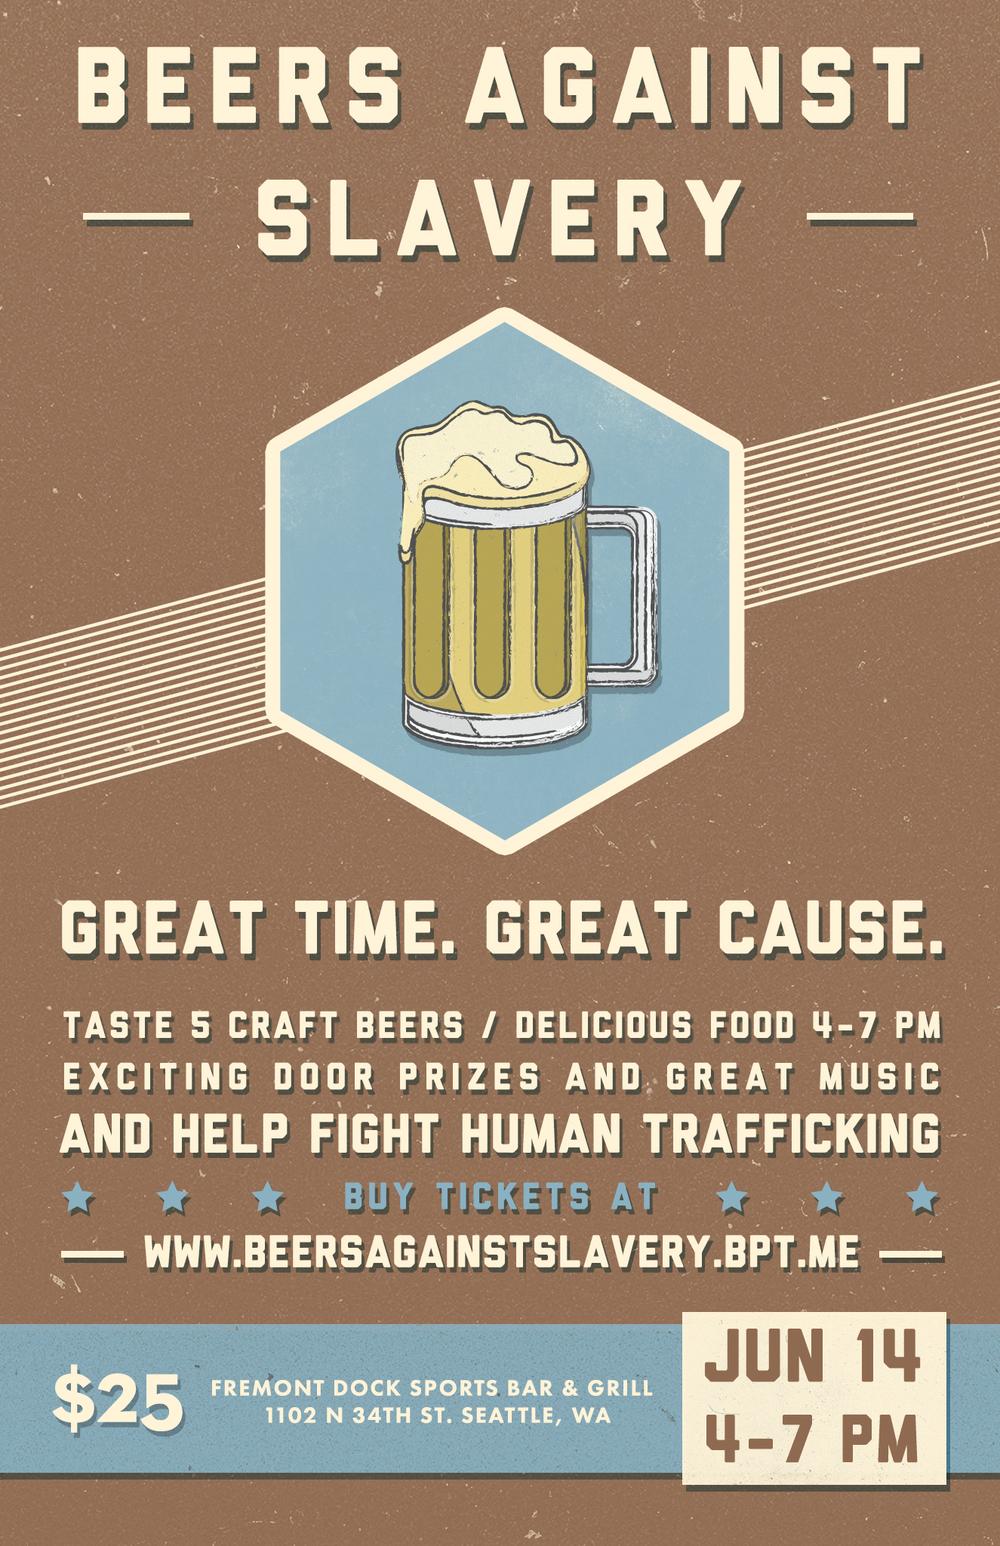 Beers Against Slavery Poster